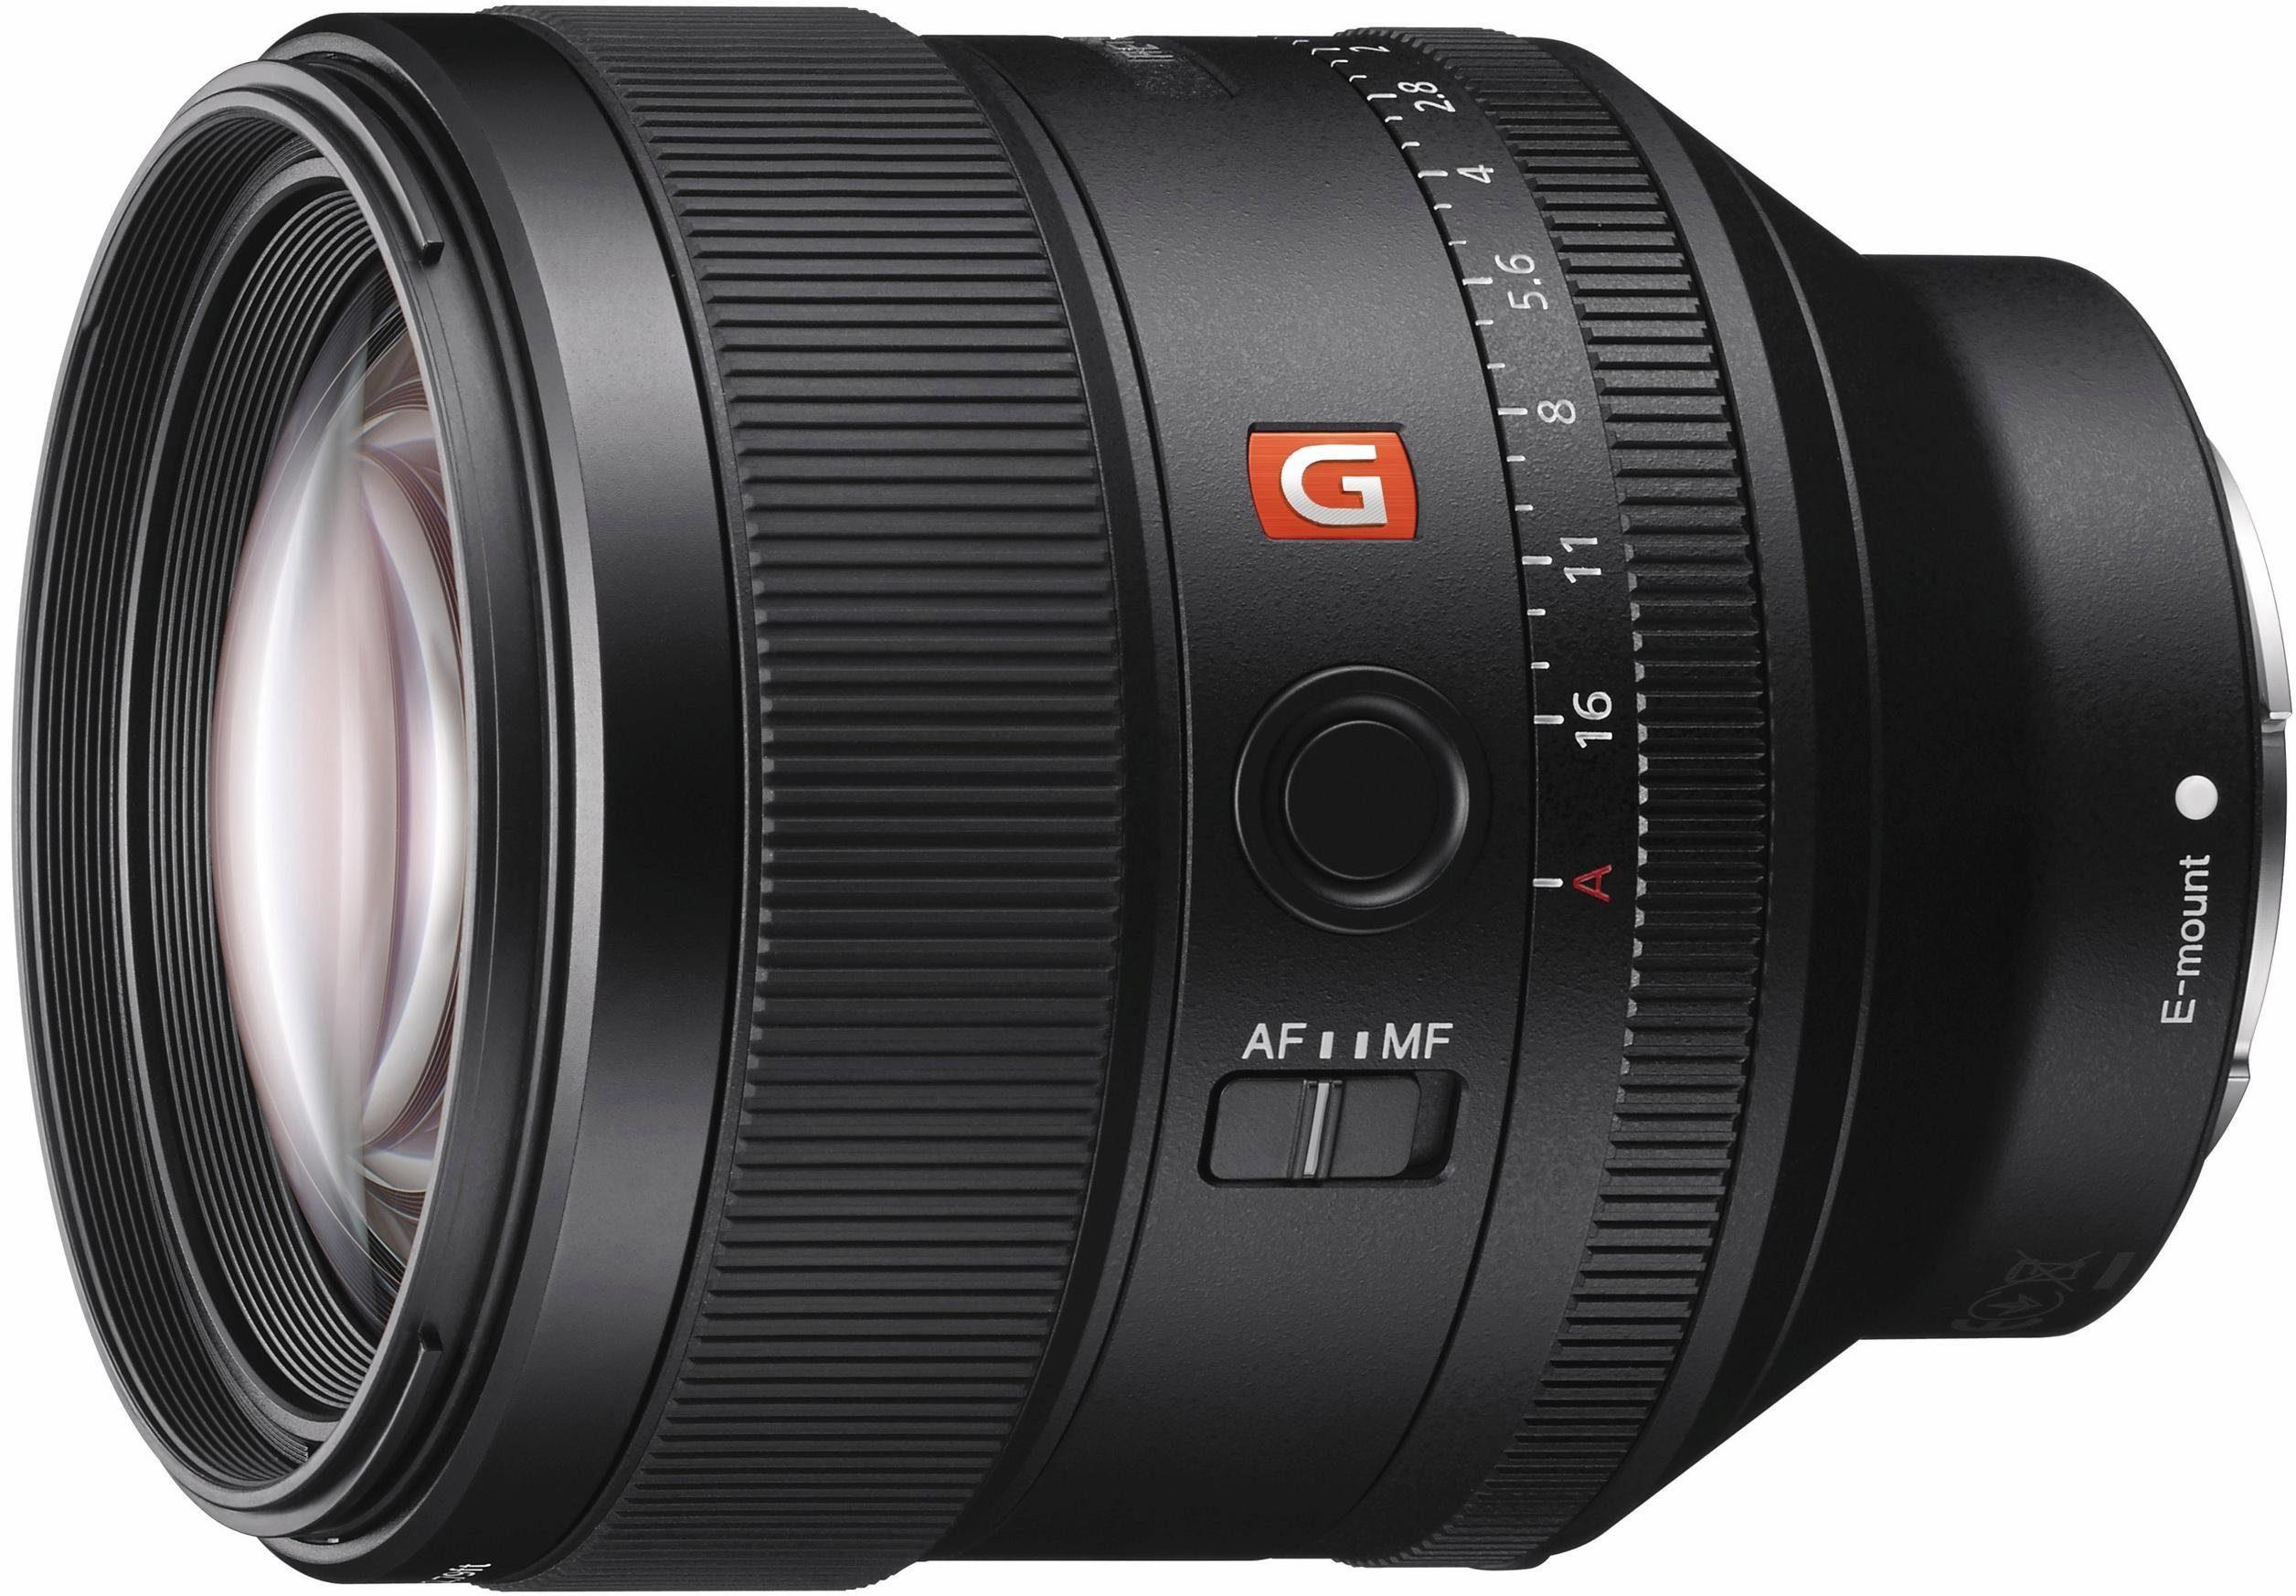 Sony SEL-85F14GM, Vollformat G-Master 85mm Portrait Objektiv, hohe Lichtstärke F1.4, Festbrennweite